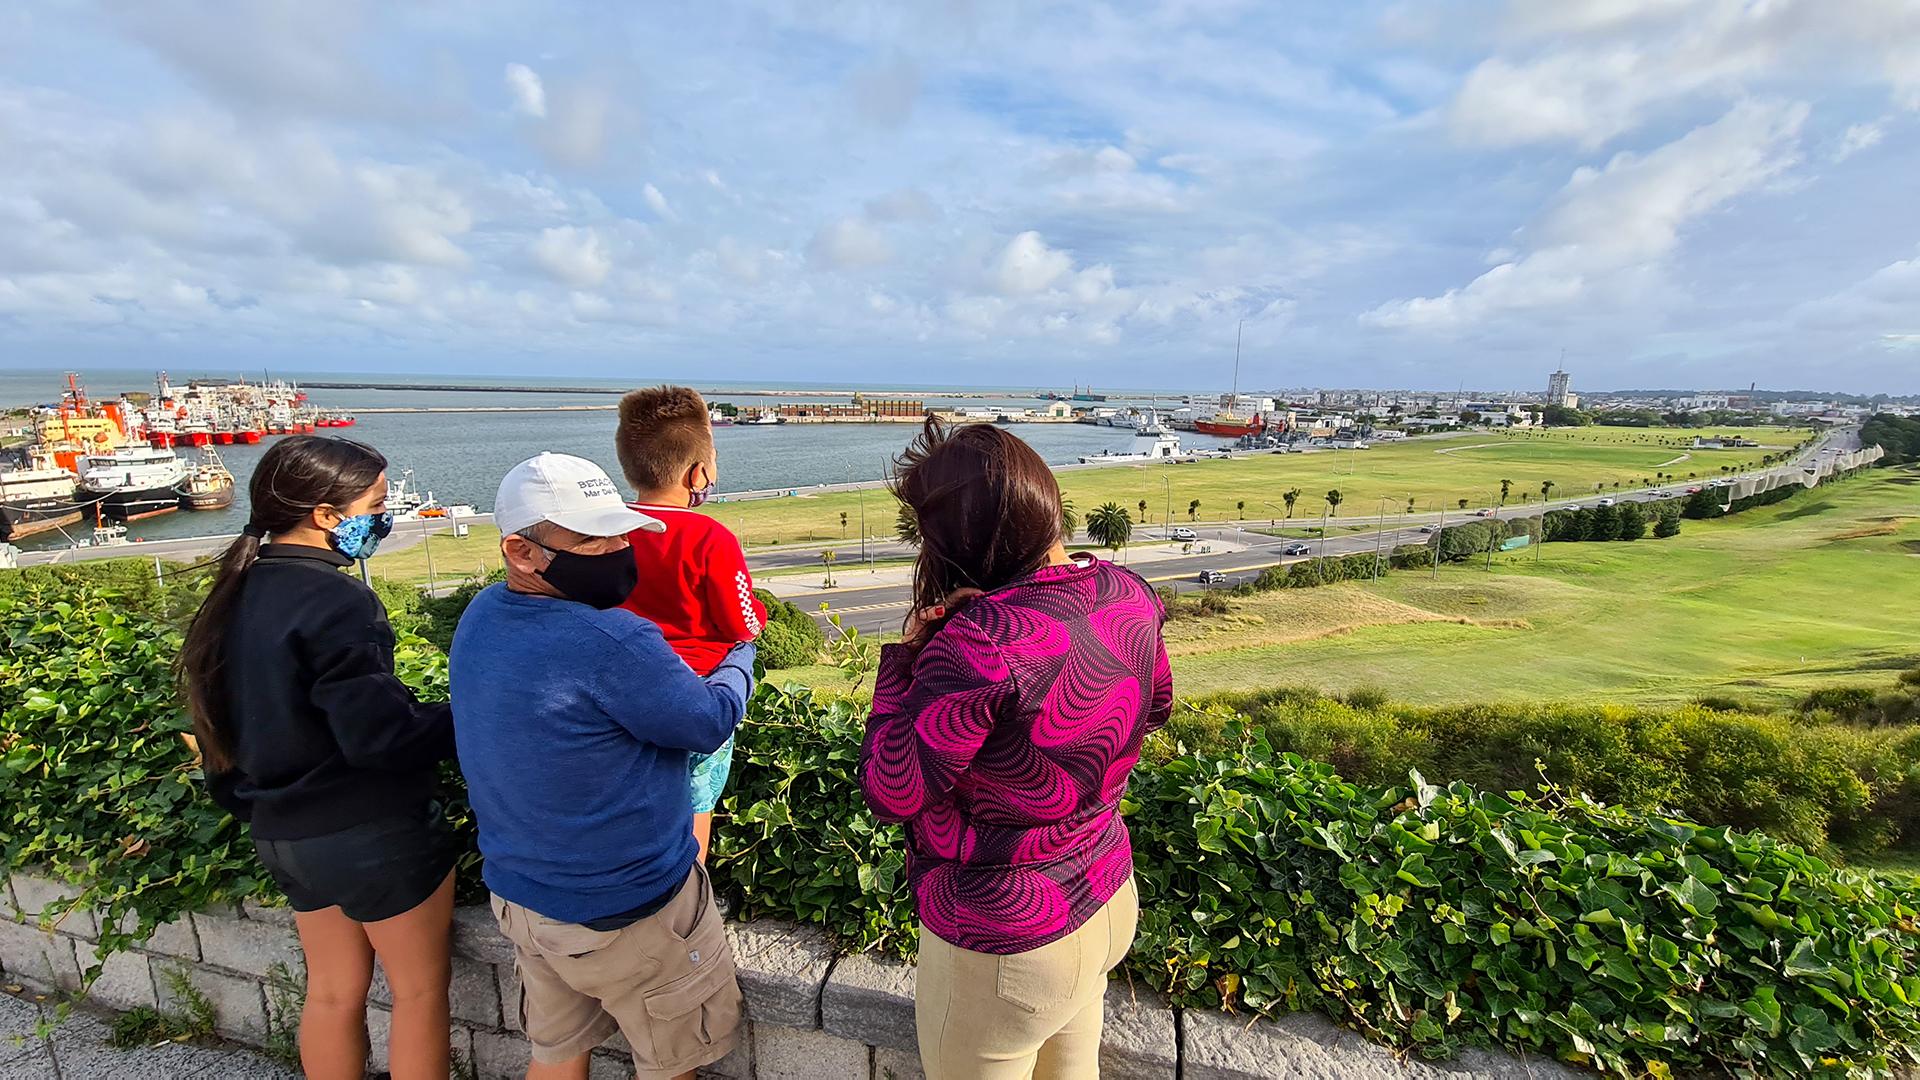 Las familias aprovecharon un fin de semana inestable para hacer otras actividades por fuera de las playas